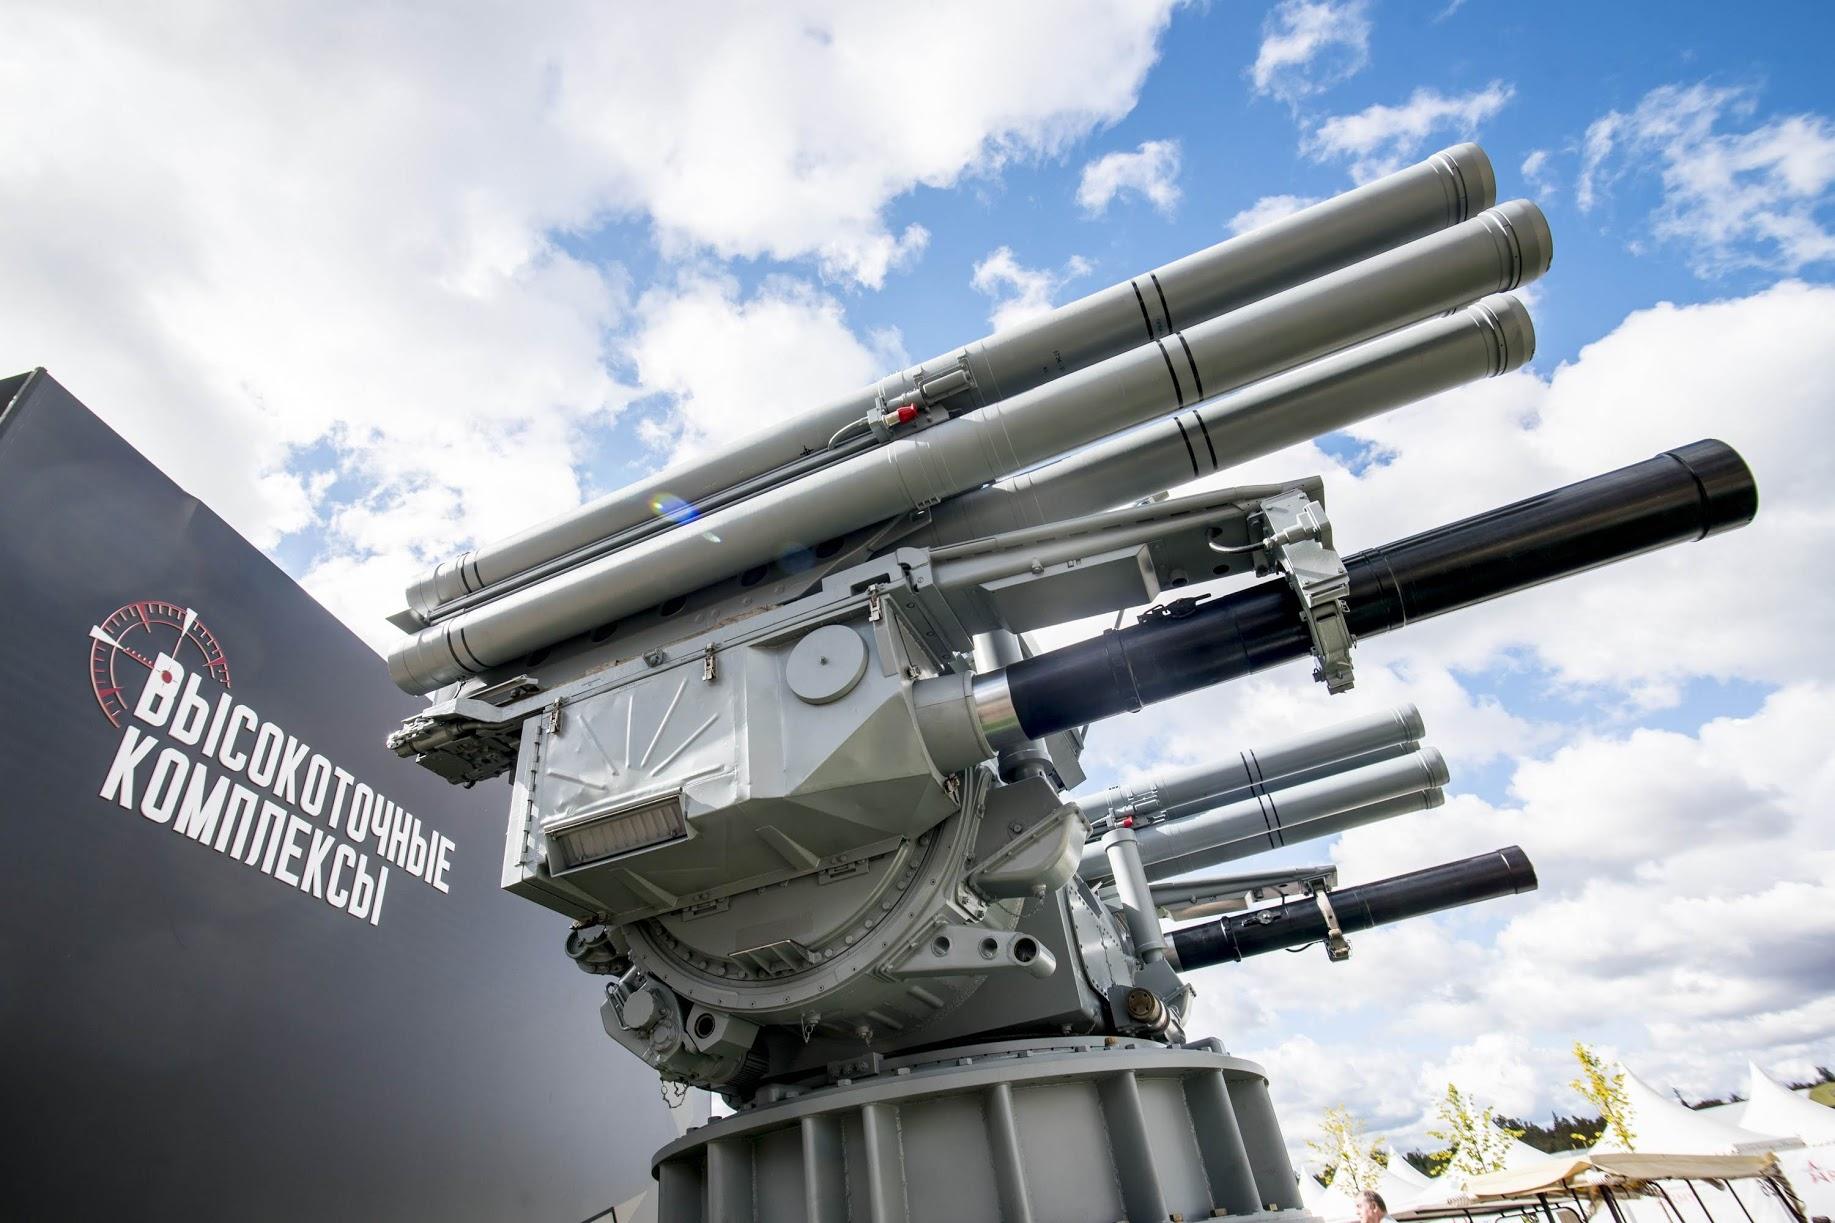 Znowu ci Rosjanie, czyli jak nie patostreamuj± to produkuj± rakiety nowej generacji